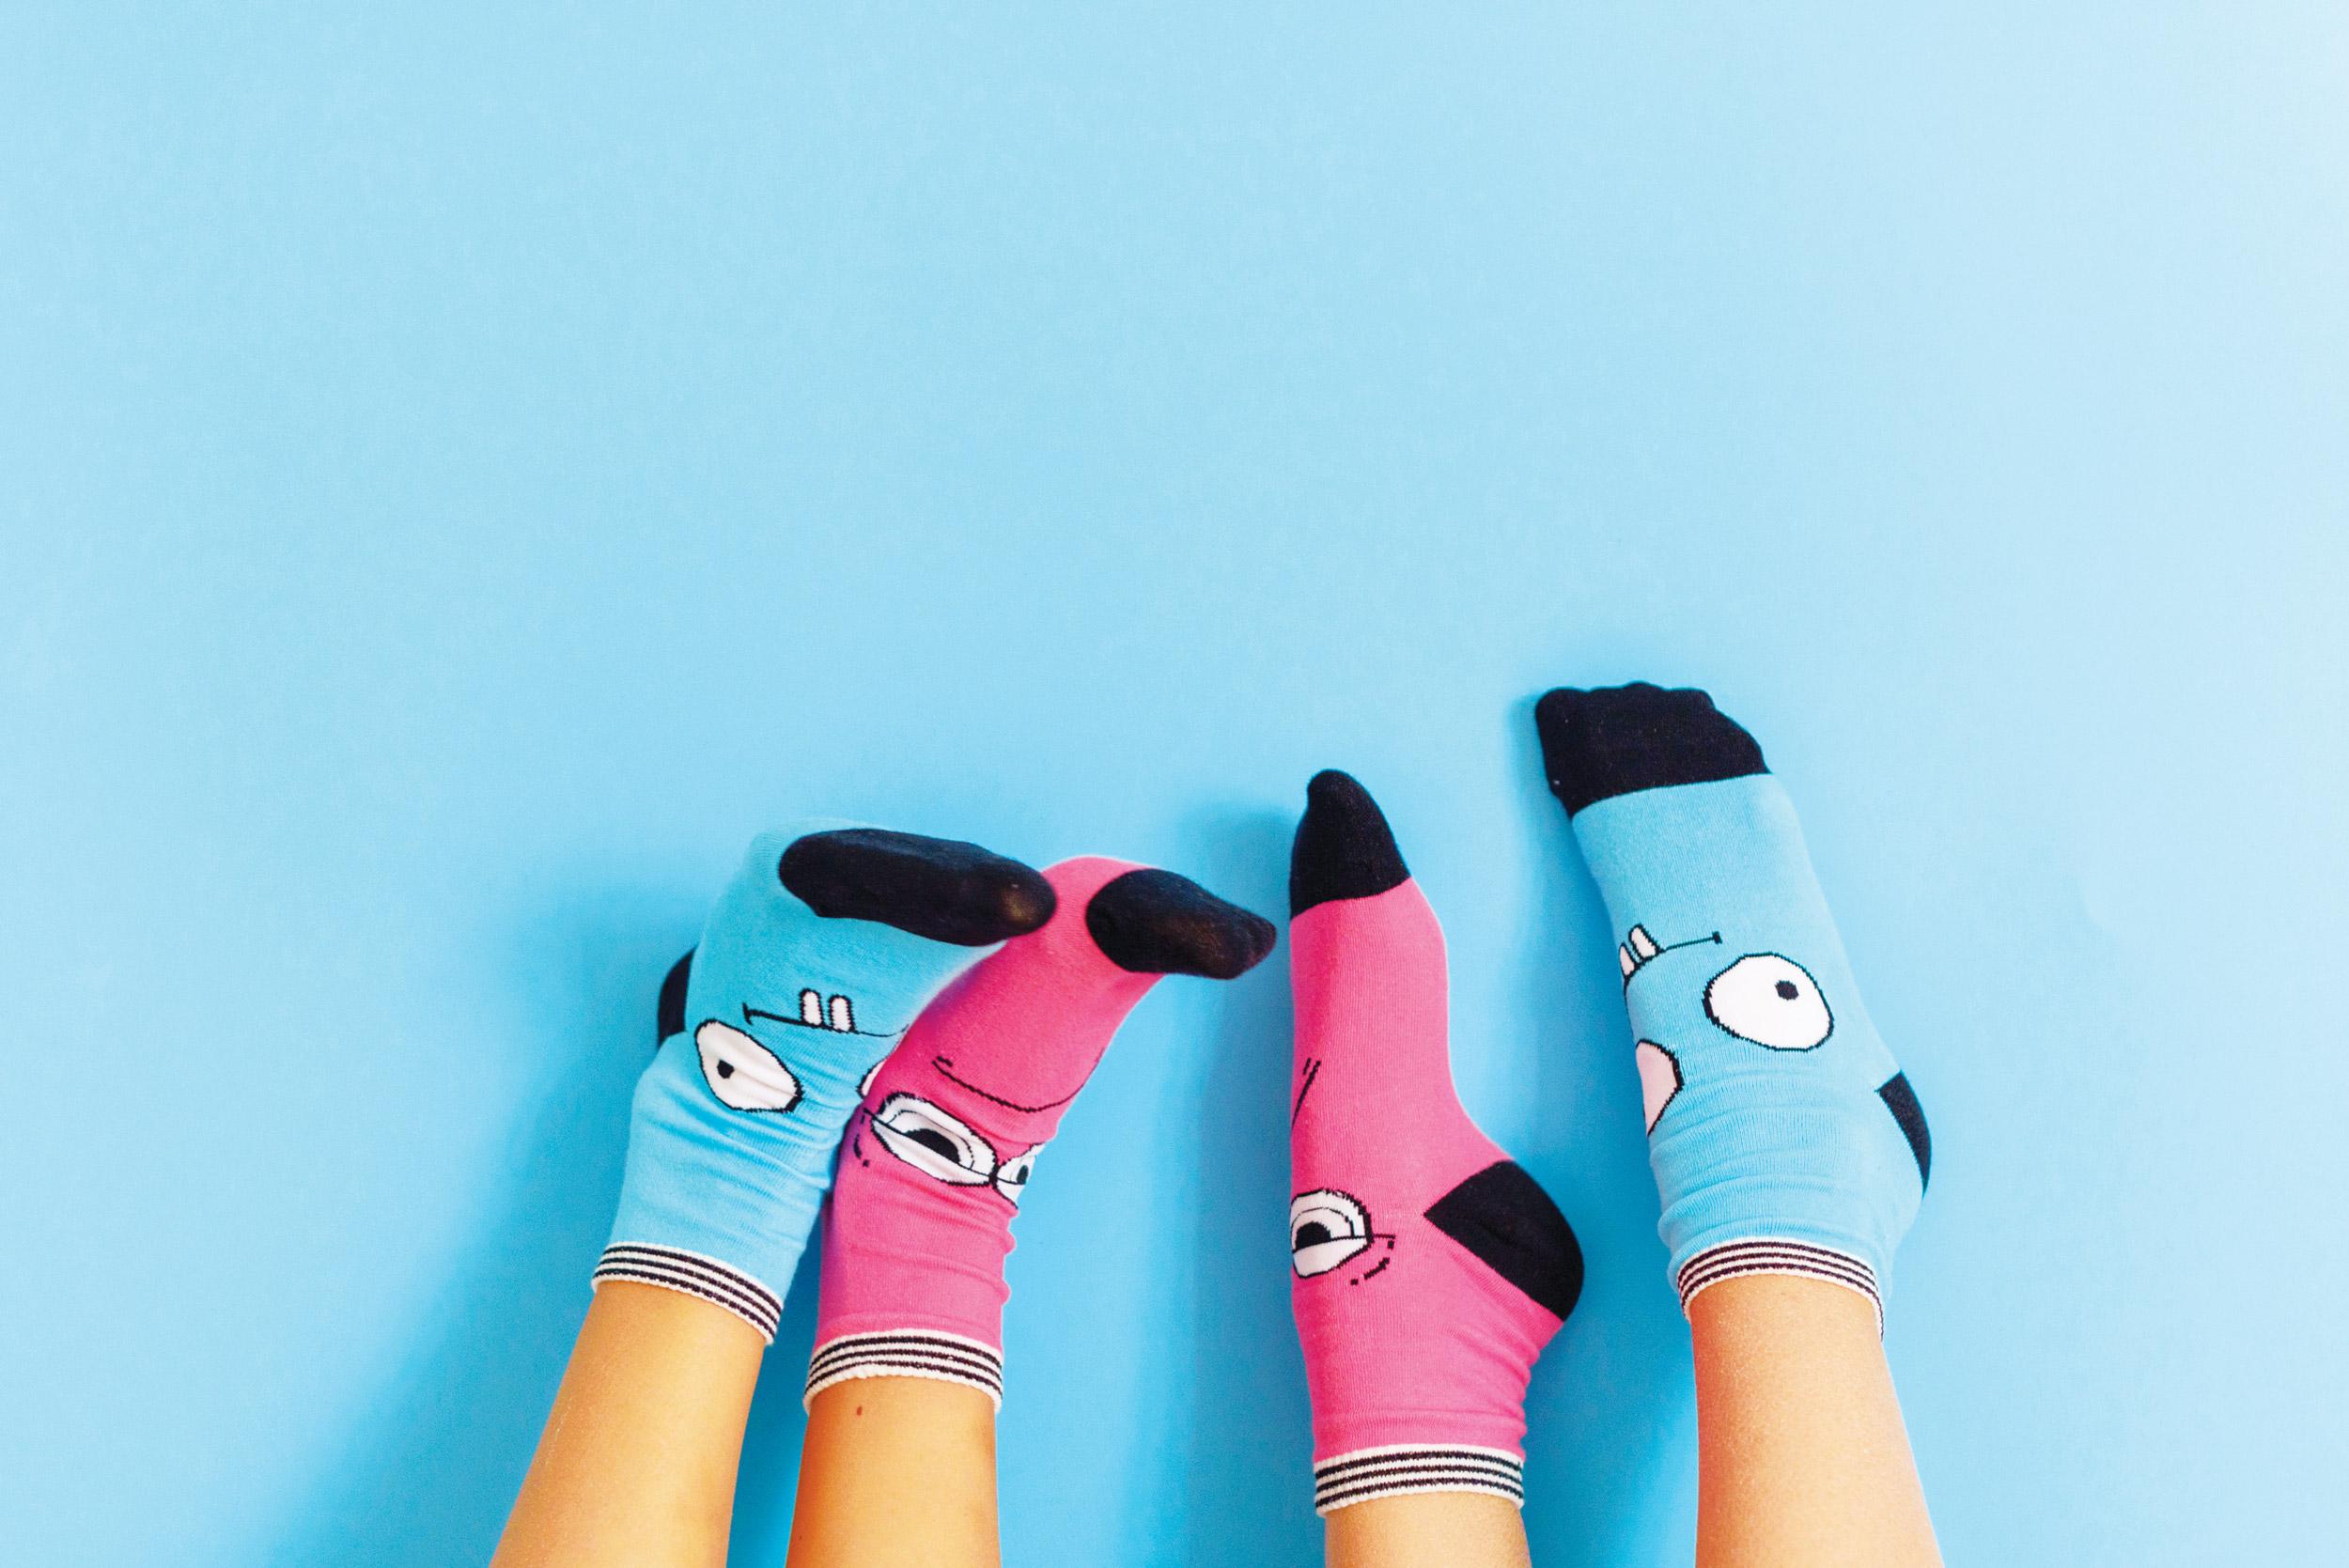 funny socks on feet